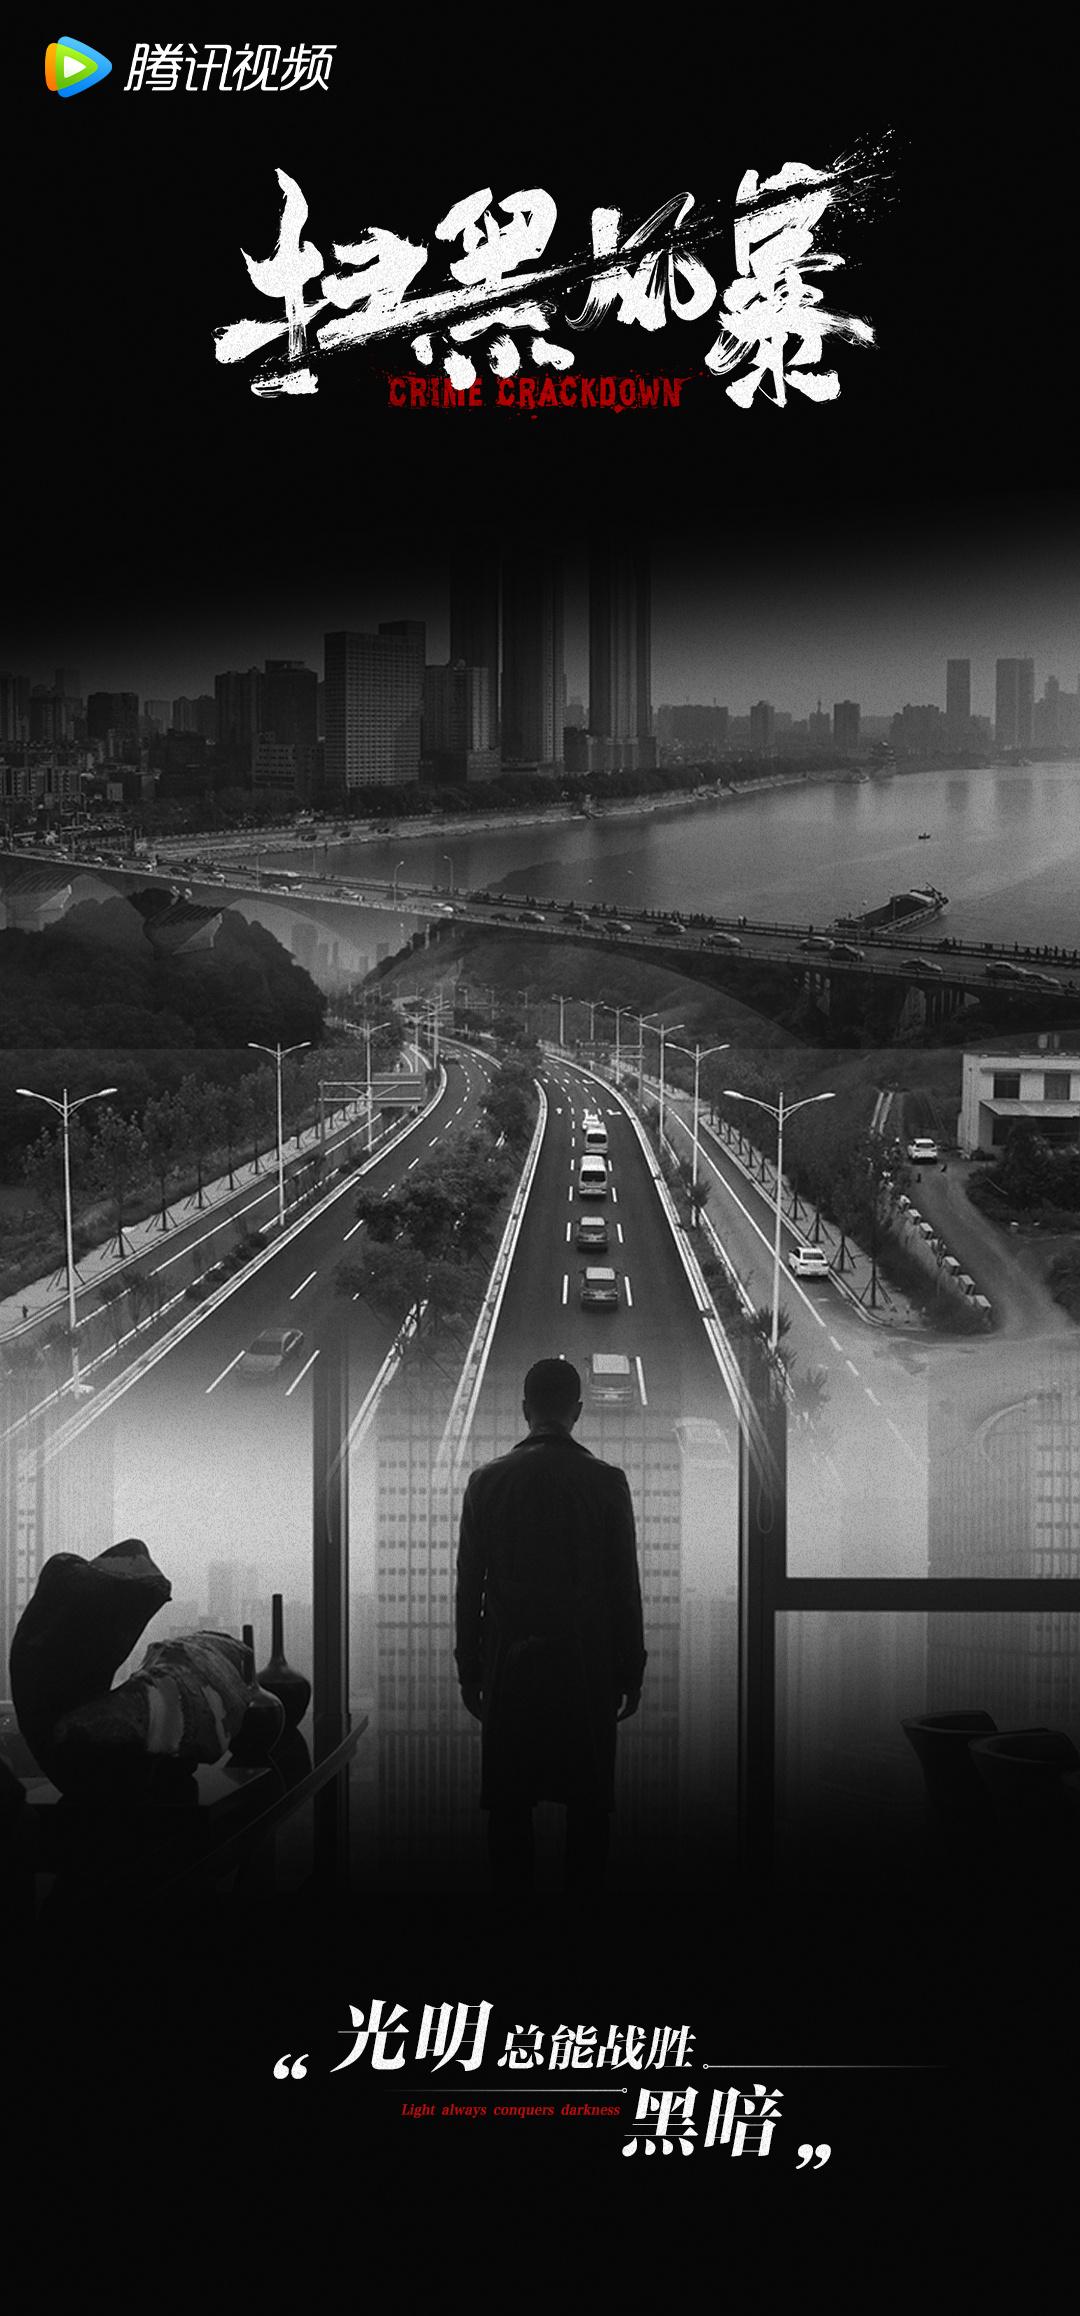 《扫黑风暴》全集电影百度云网盘【HD1080p】高清国语